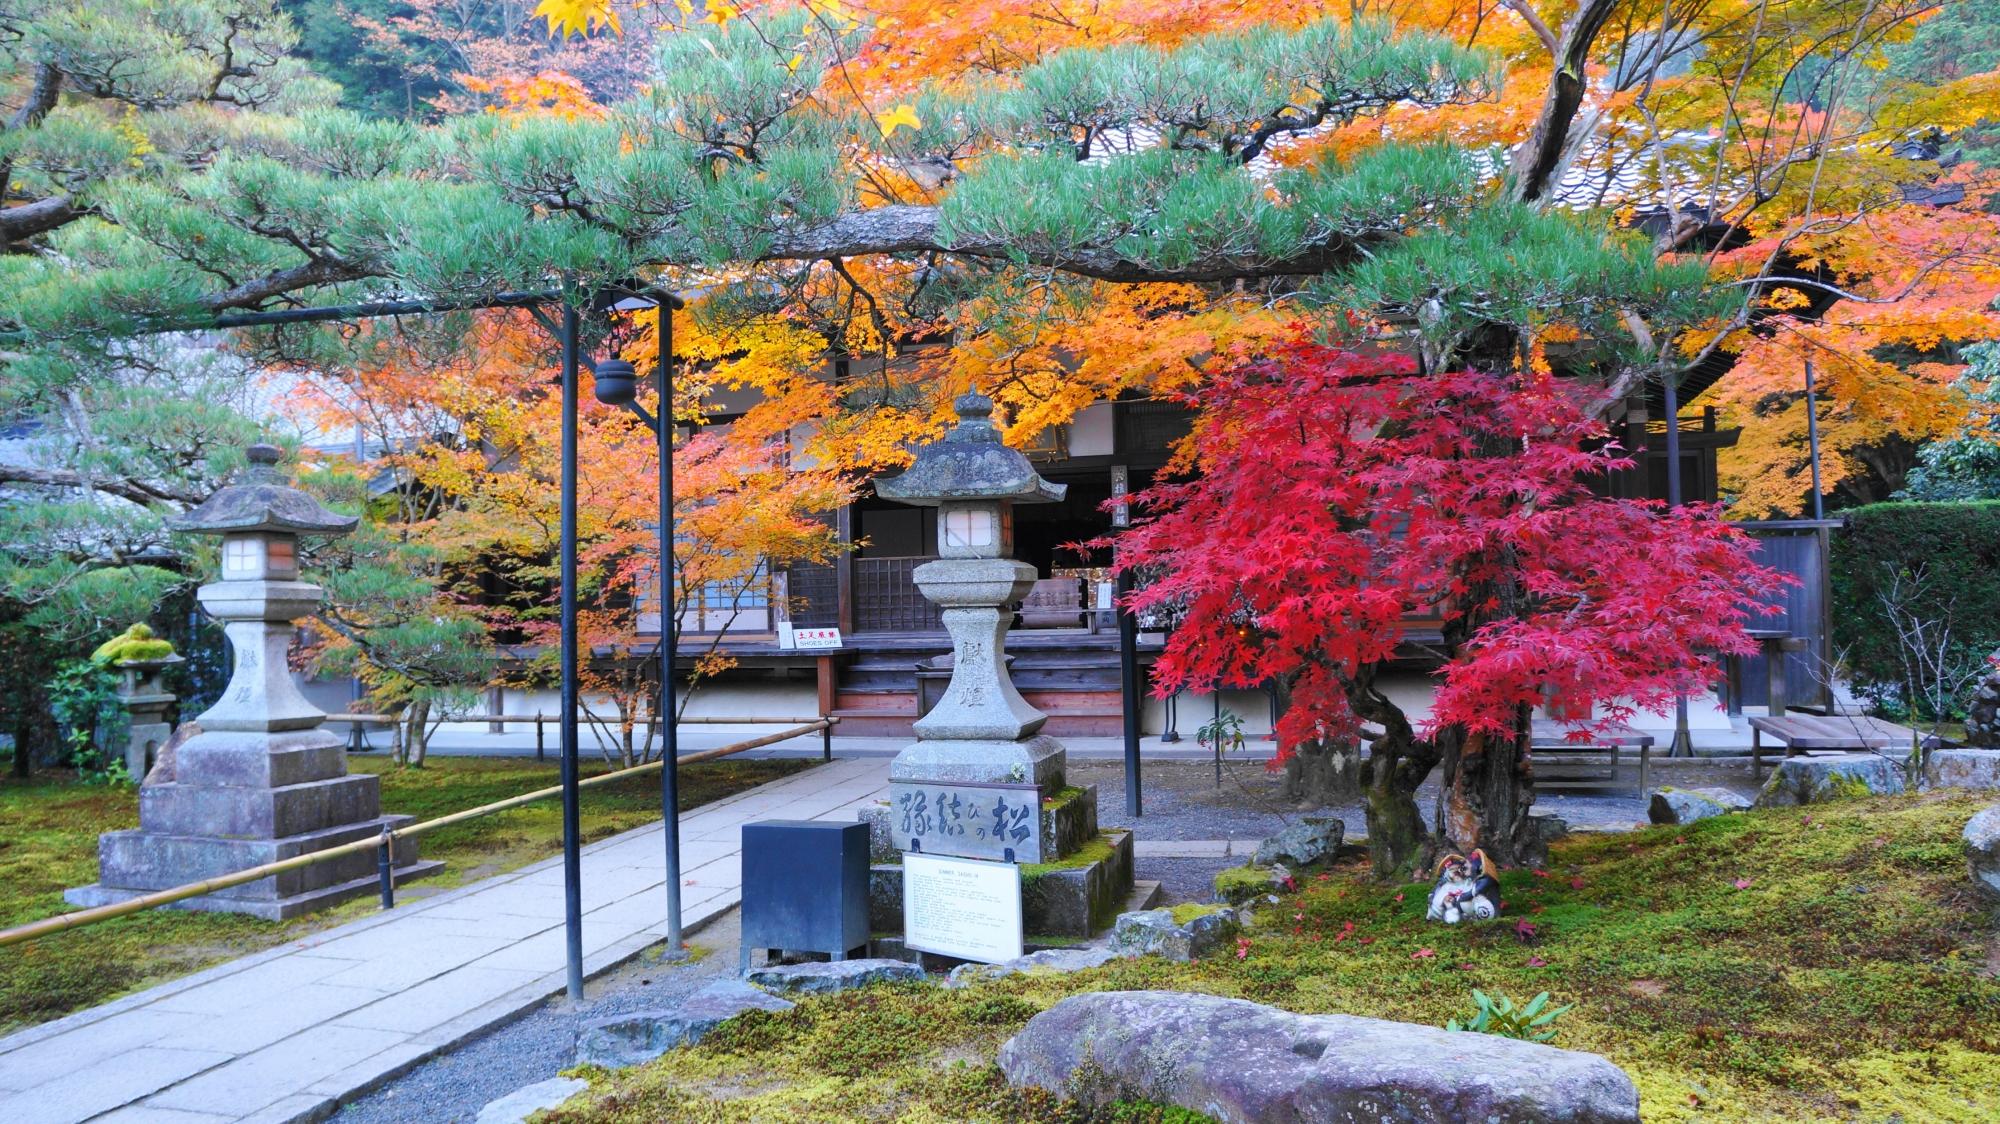 緑の苔や縁結びの松に映える艶やかな紅葉